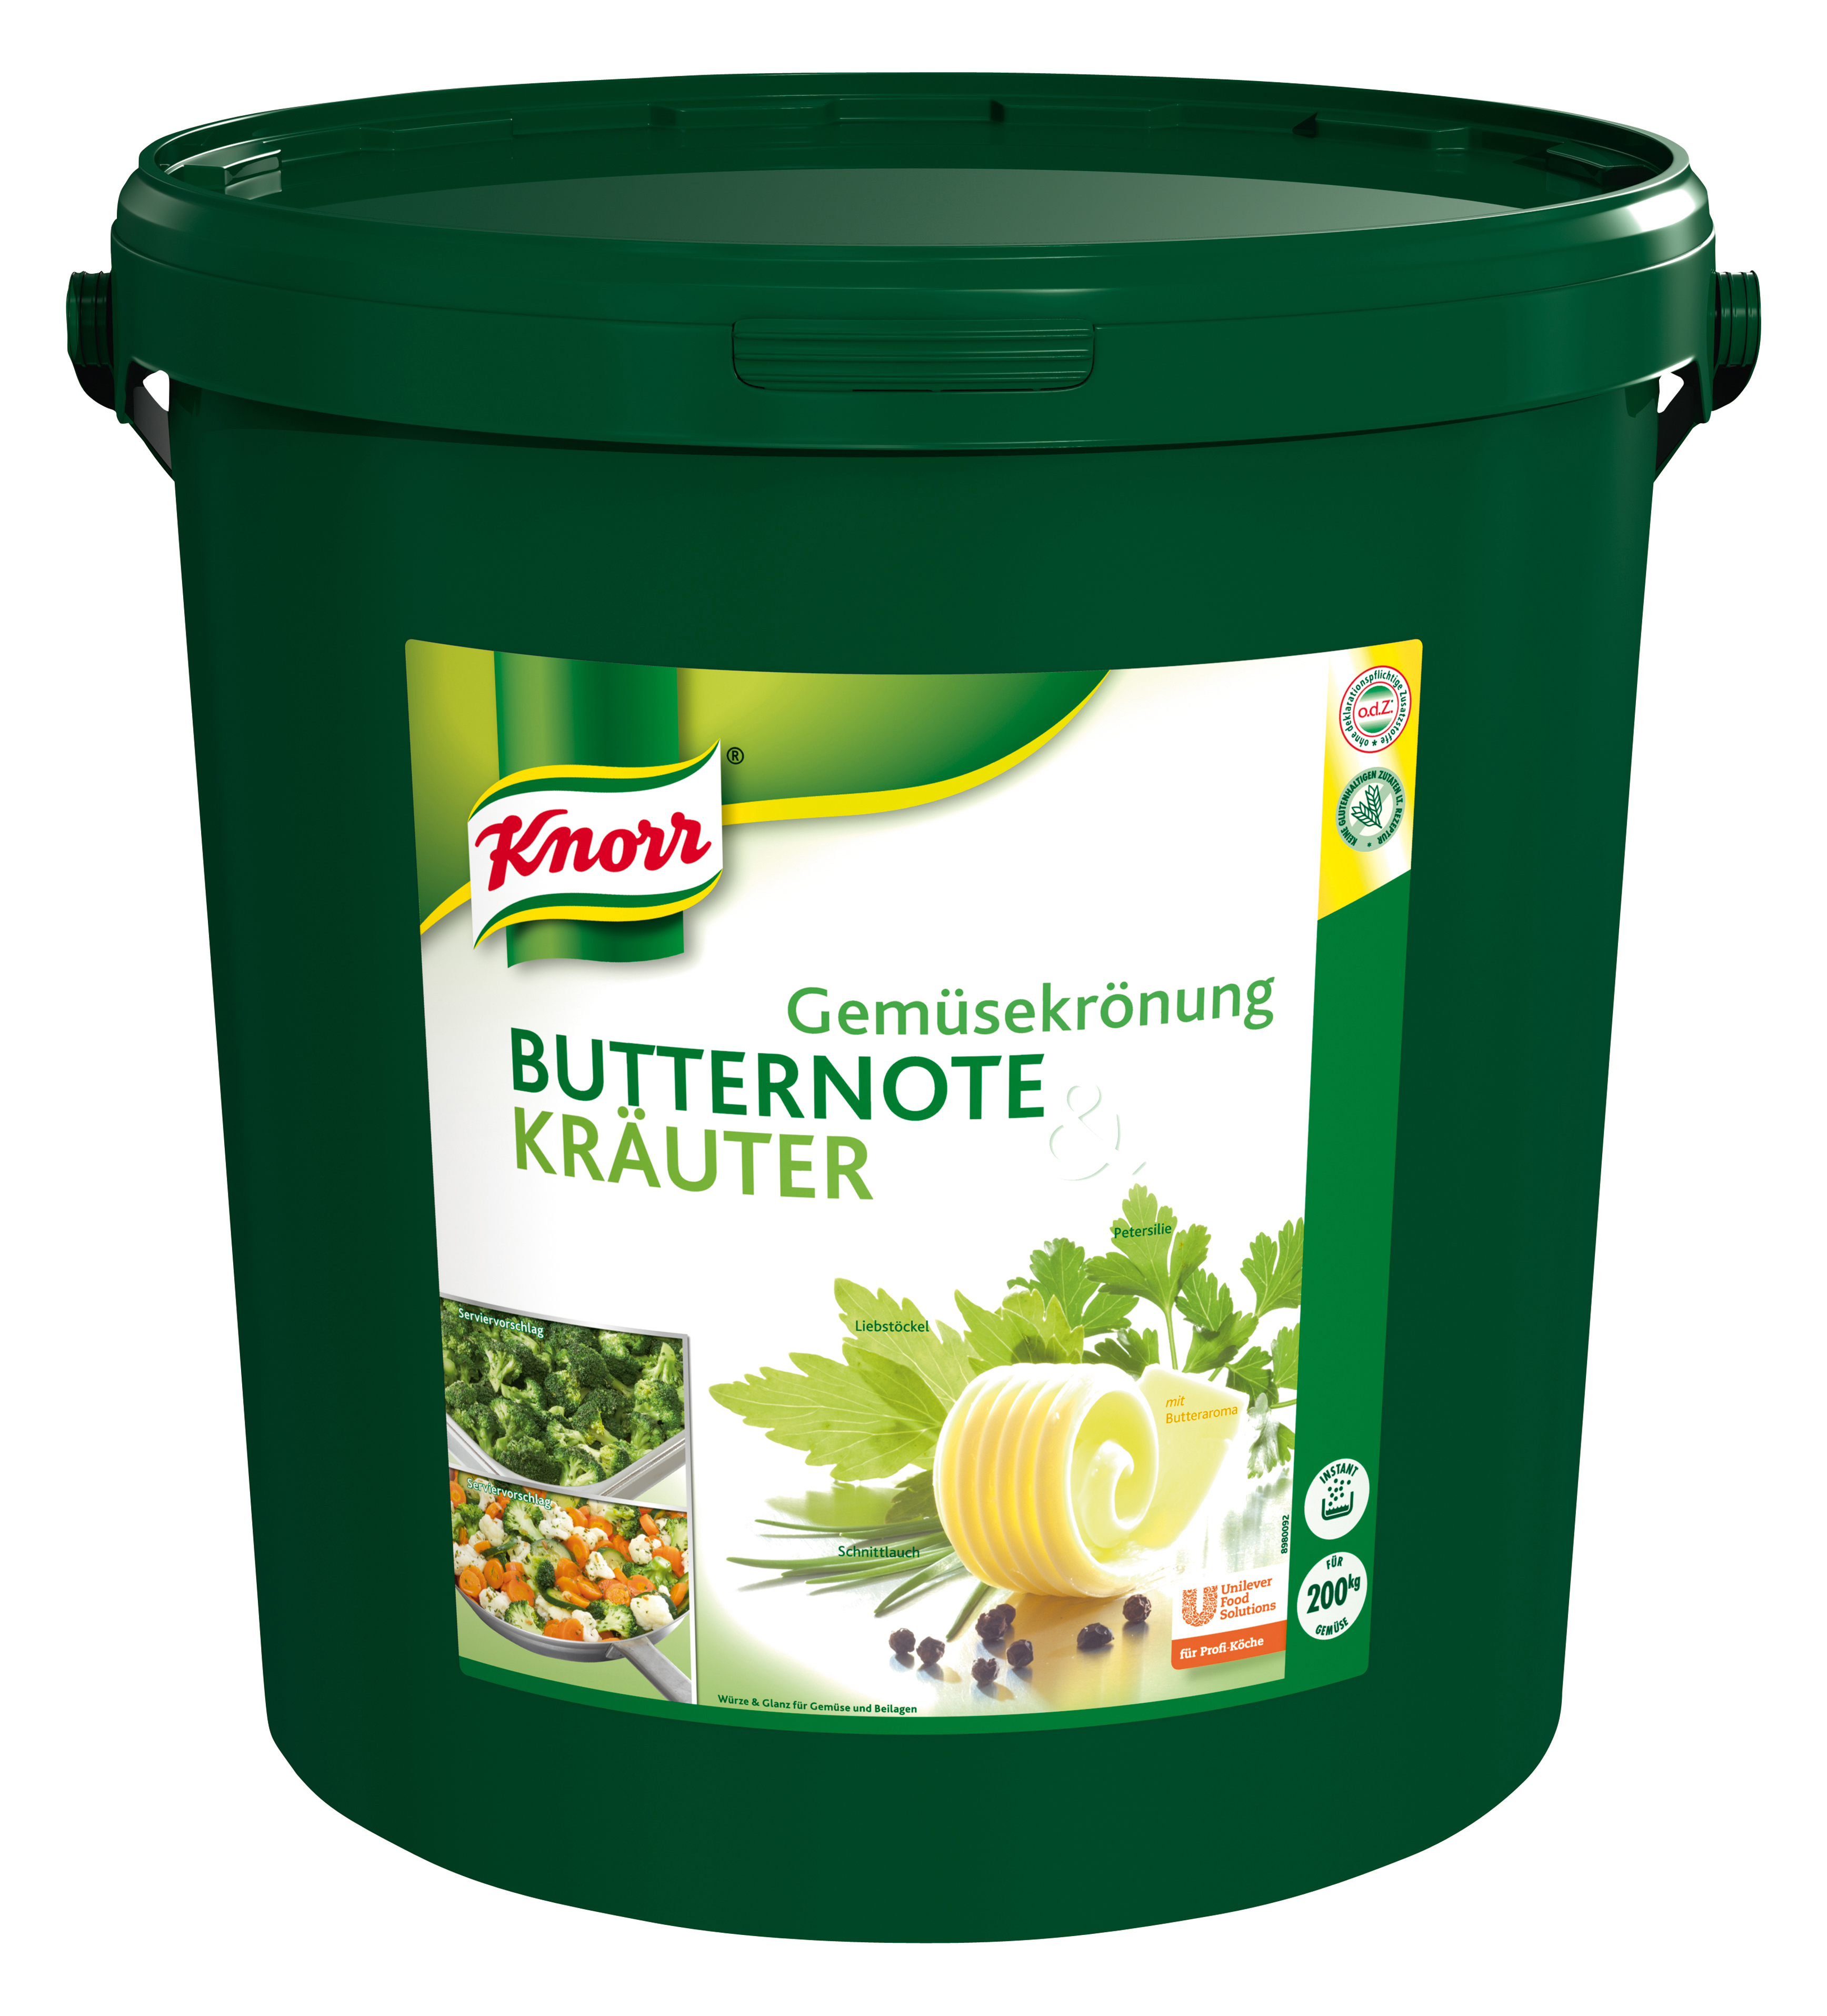 Knorr Gemüsekrönung Butter/Kräuter 10 kg